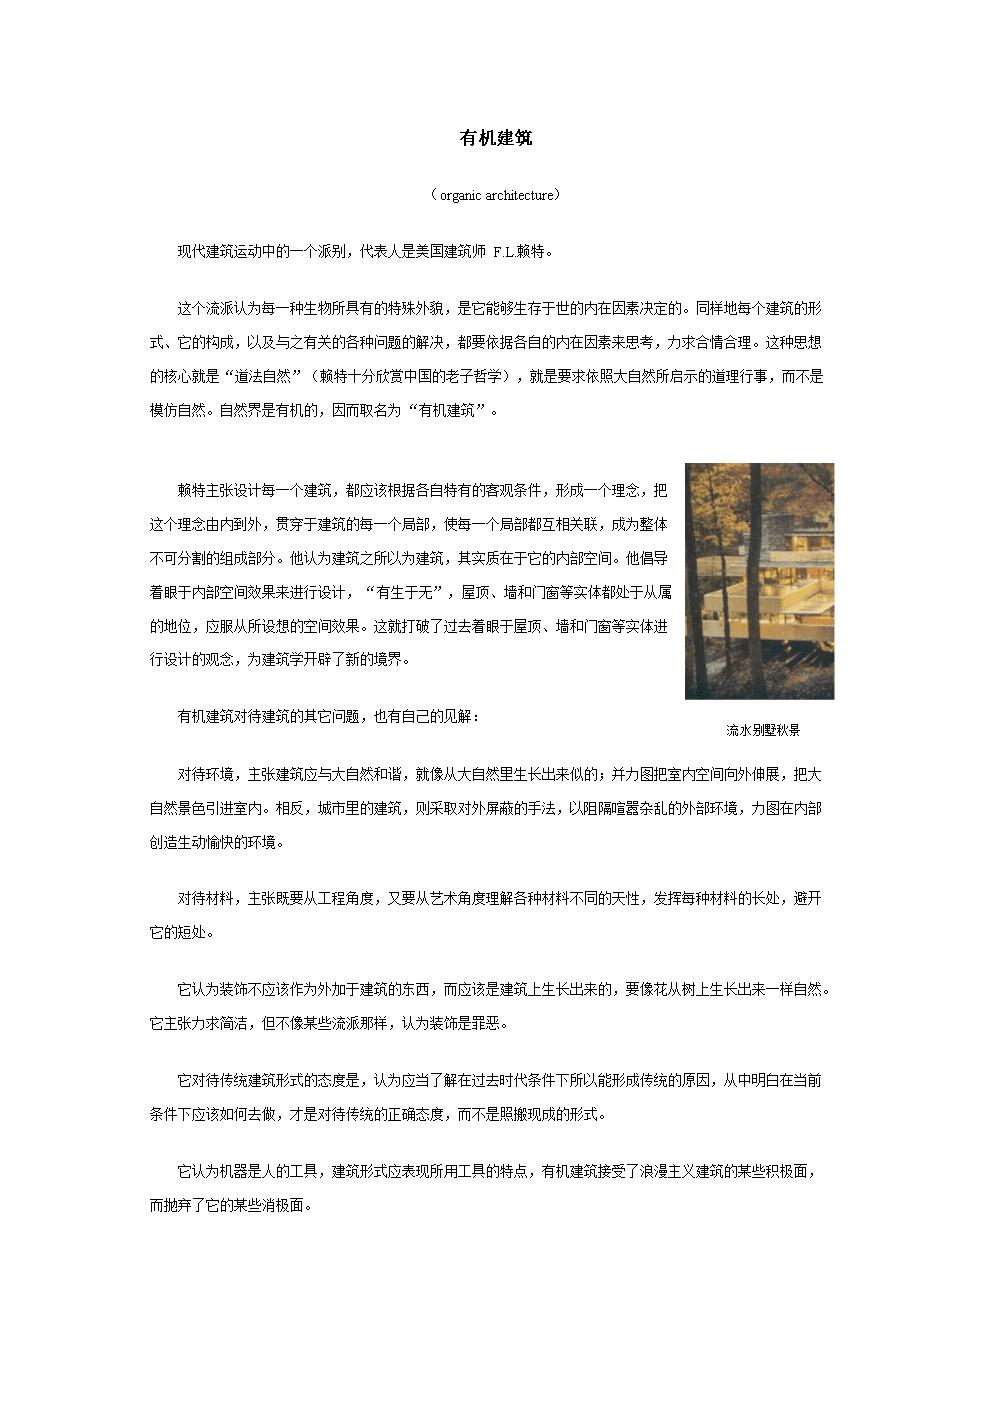 关于有机建筑.doc